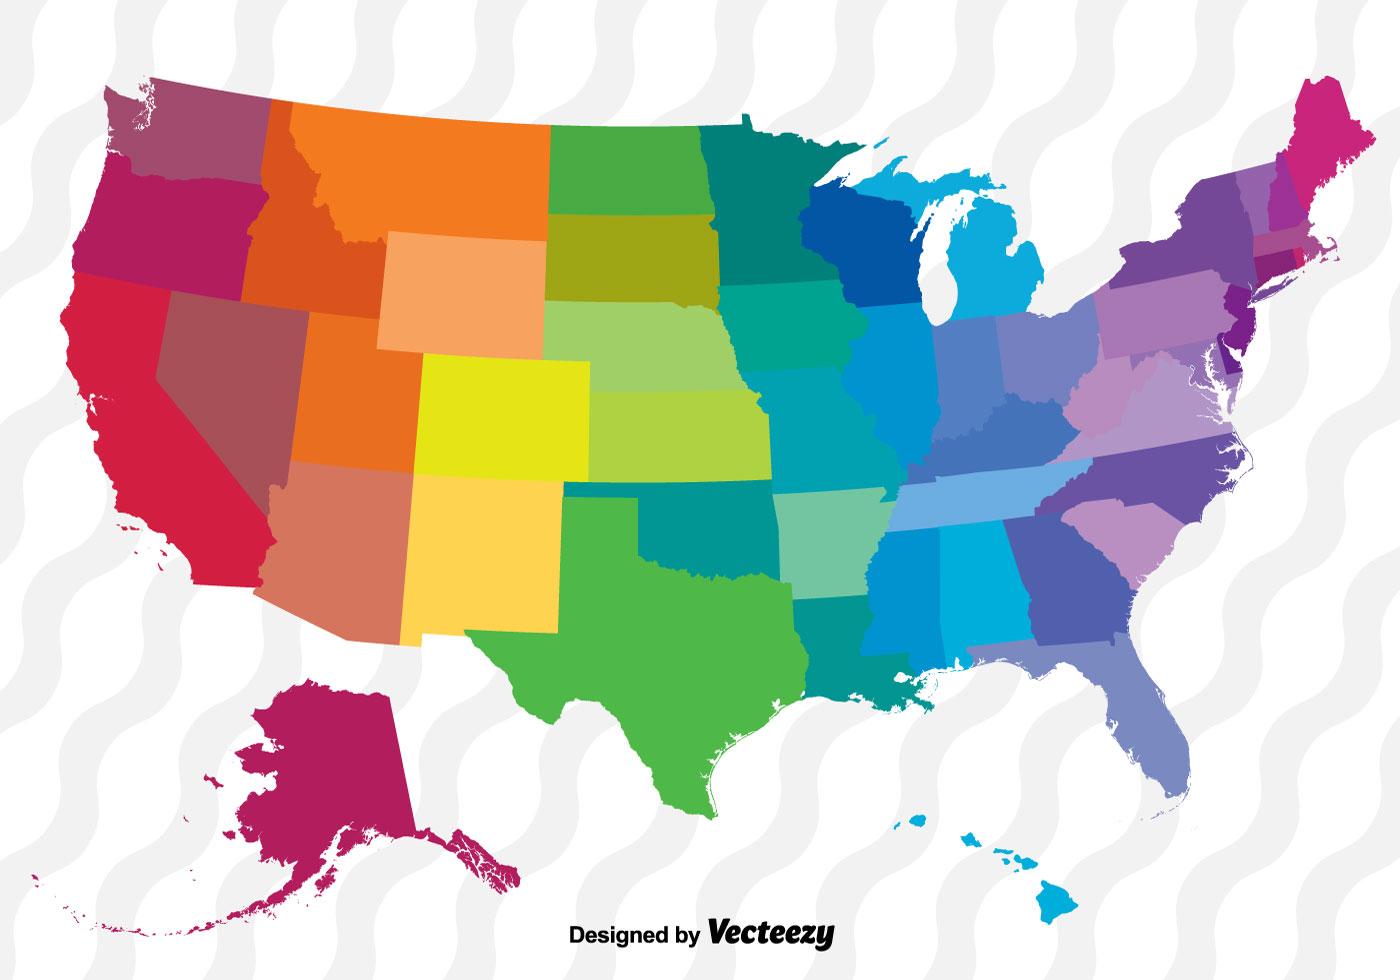 La Cartina Degli Stati Uniti D America.Cartina Geografica Degli Stati Uniti D America